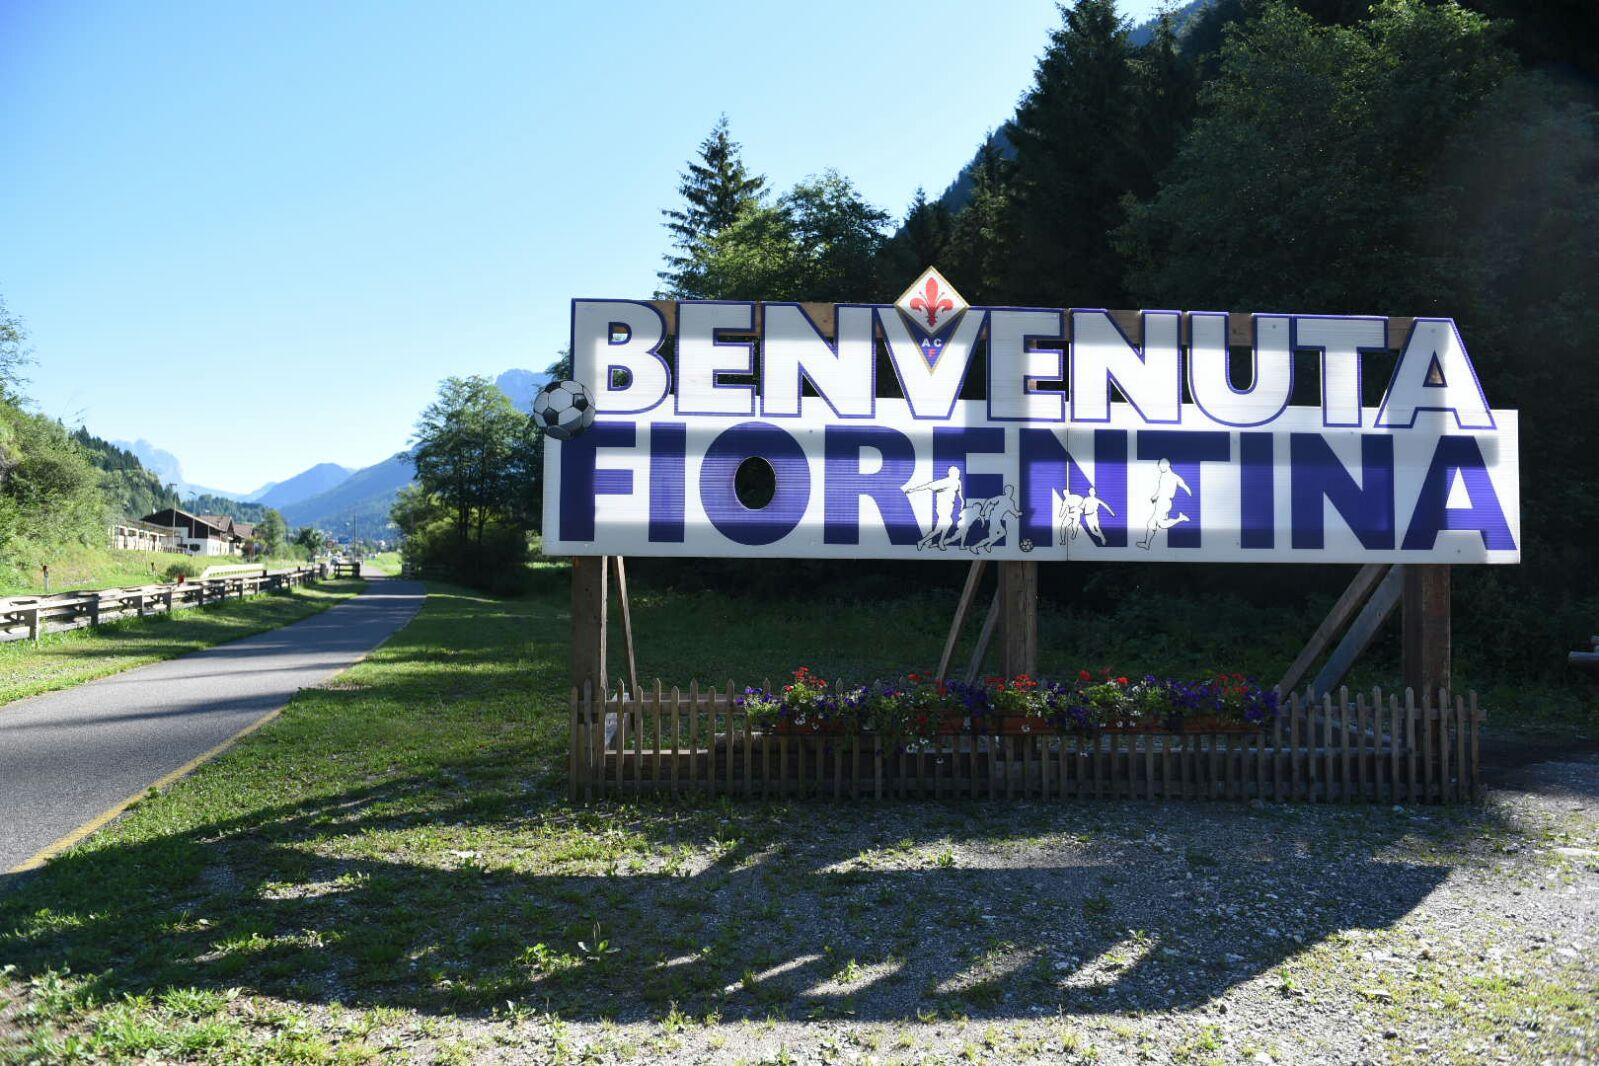 La giornata della Fiorentina nel ritiro di Moena. Musica di sottofondo, gps e fotocellule con sensori